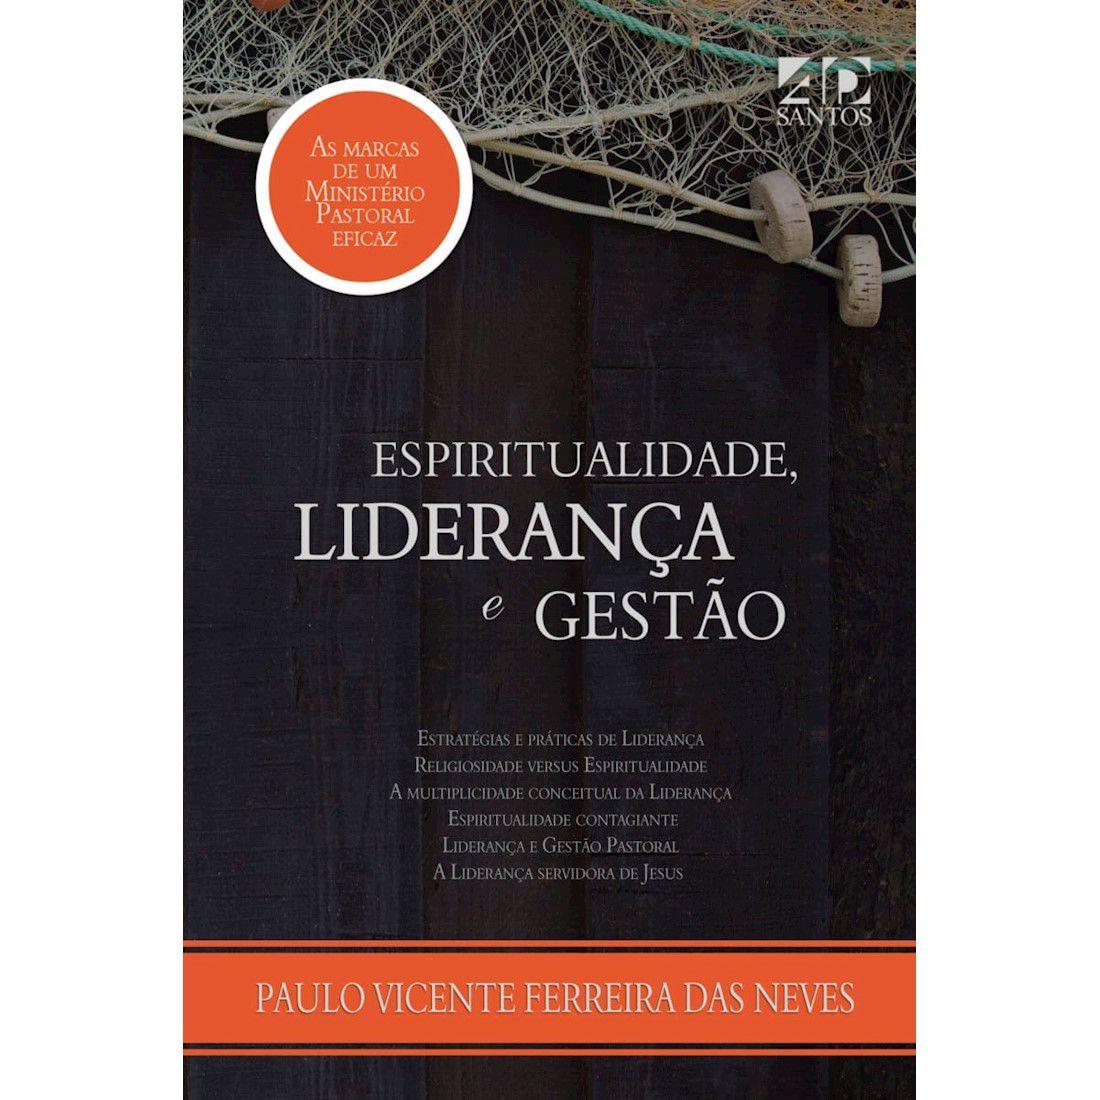 Livro Espiritualidade Liderança e Gestão